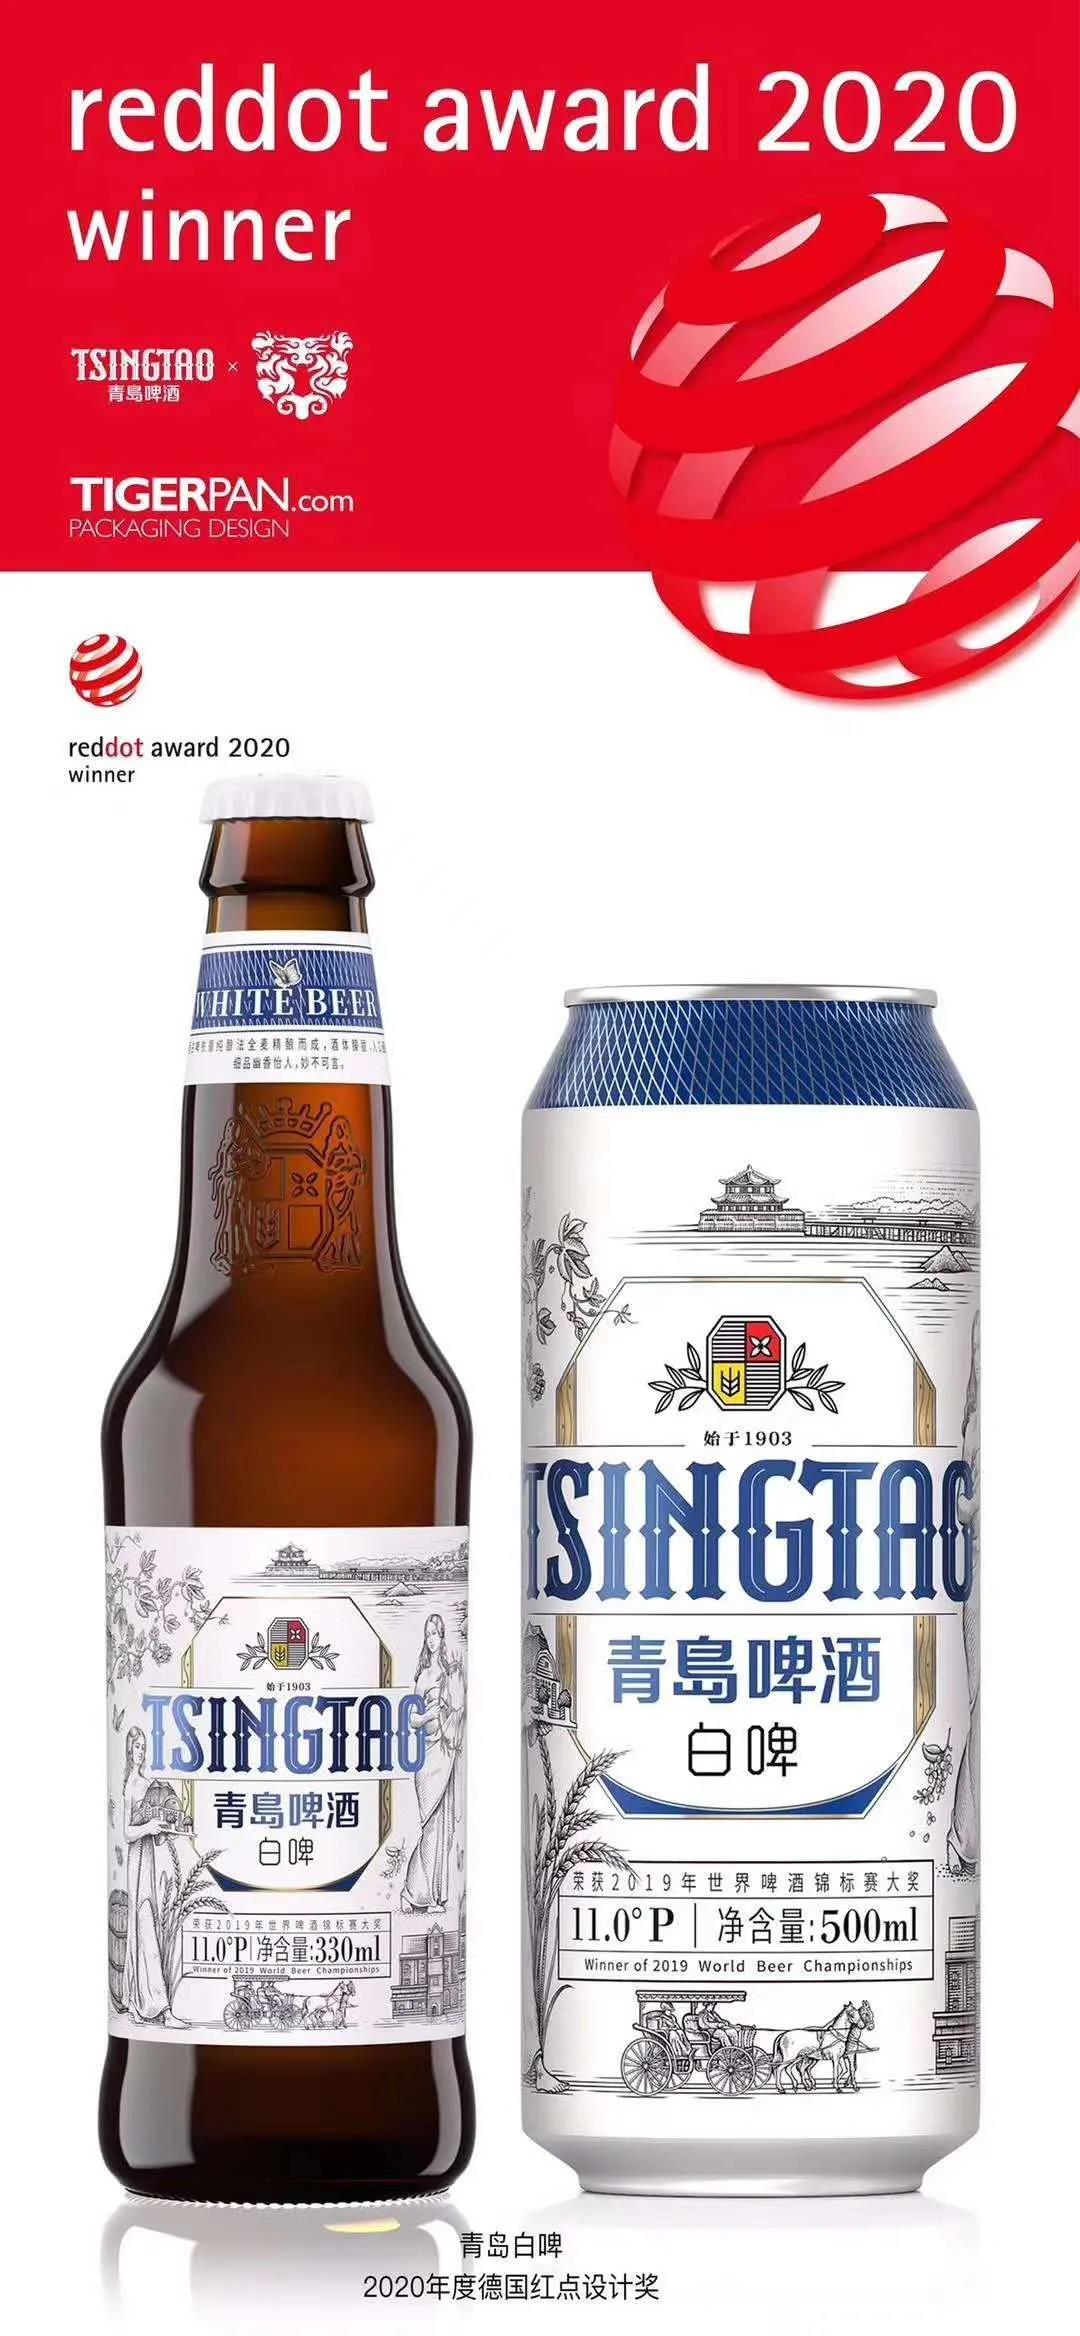 青岛白啤喜获2020年度德国红点设计奖